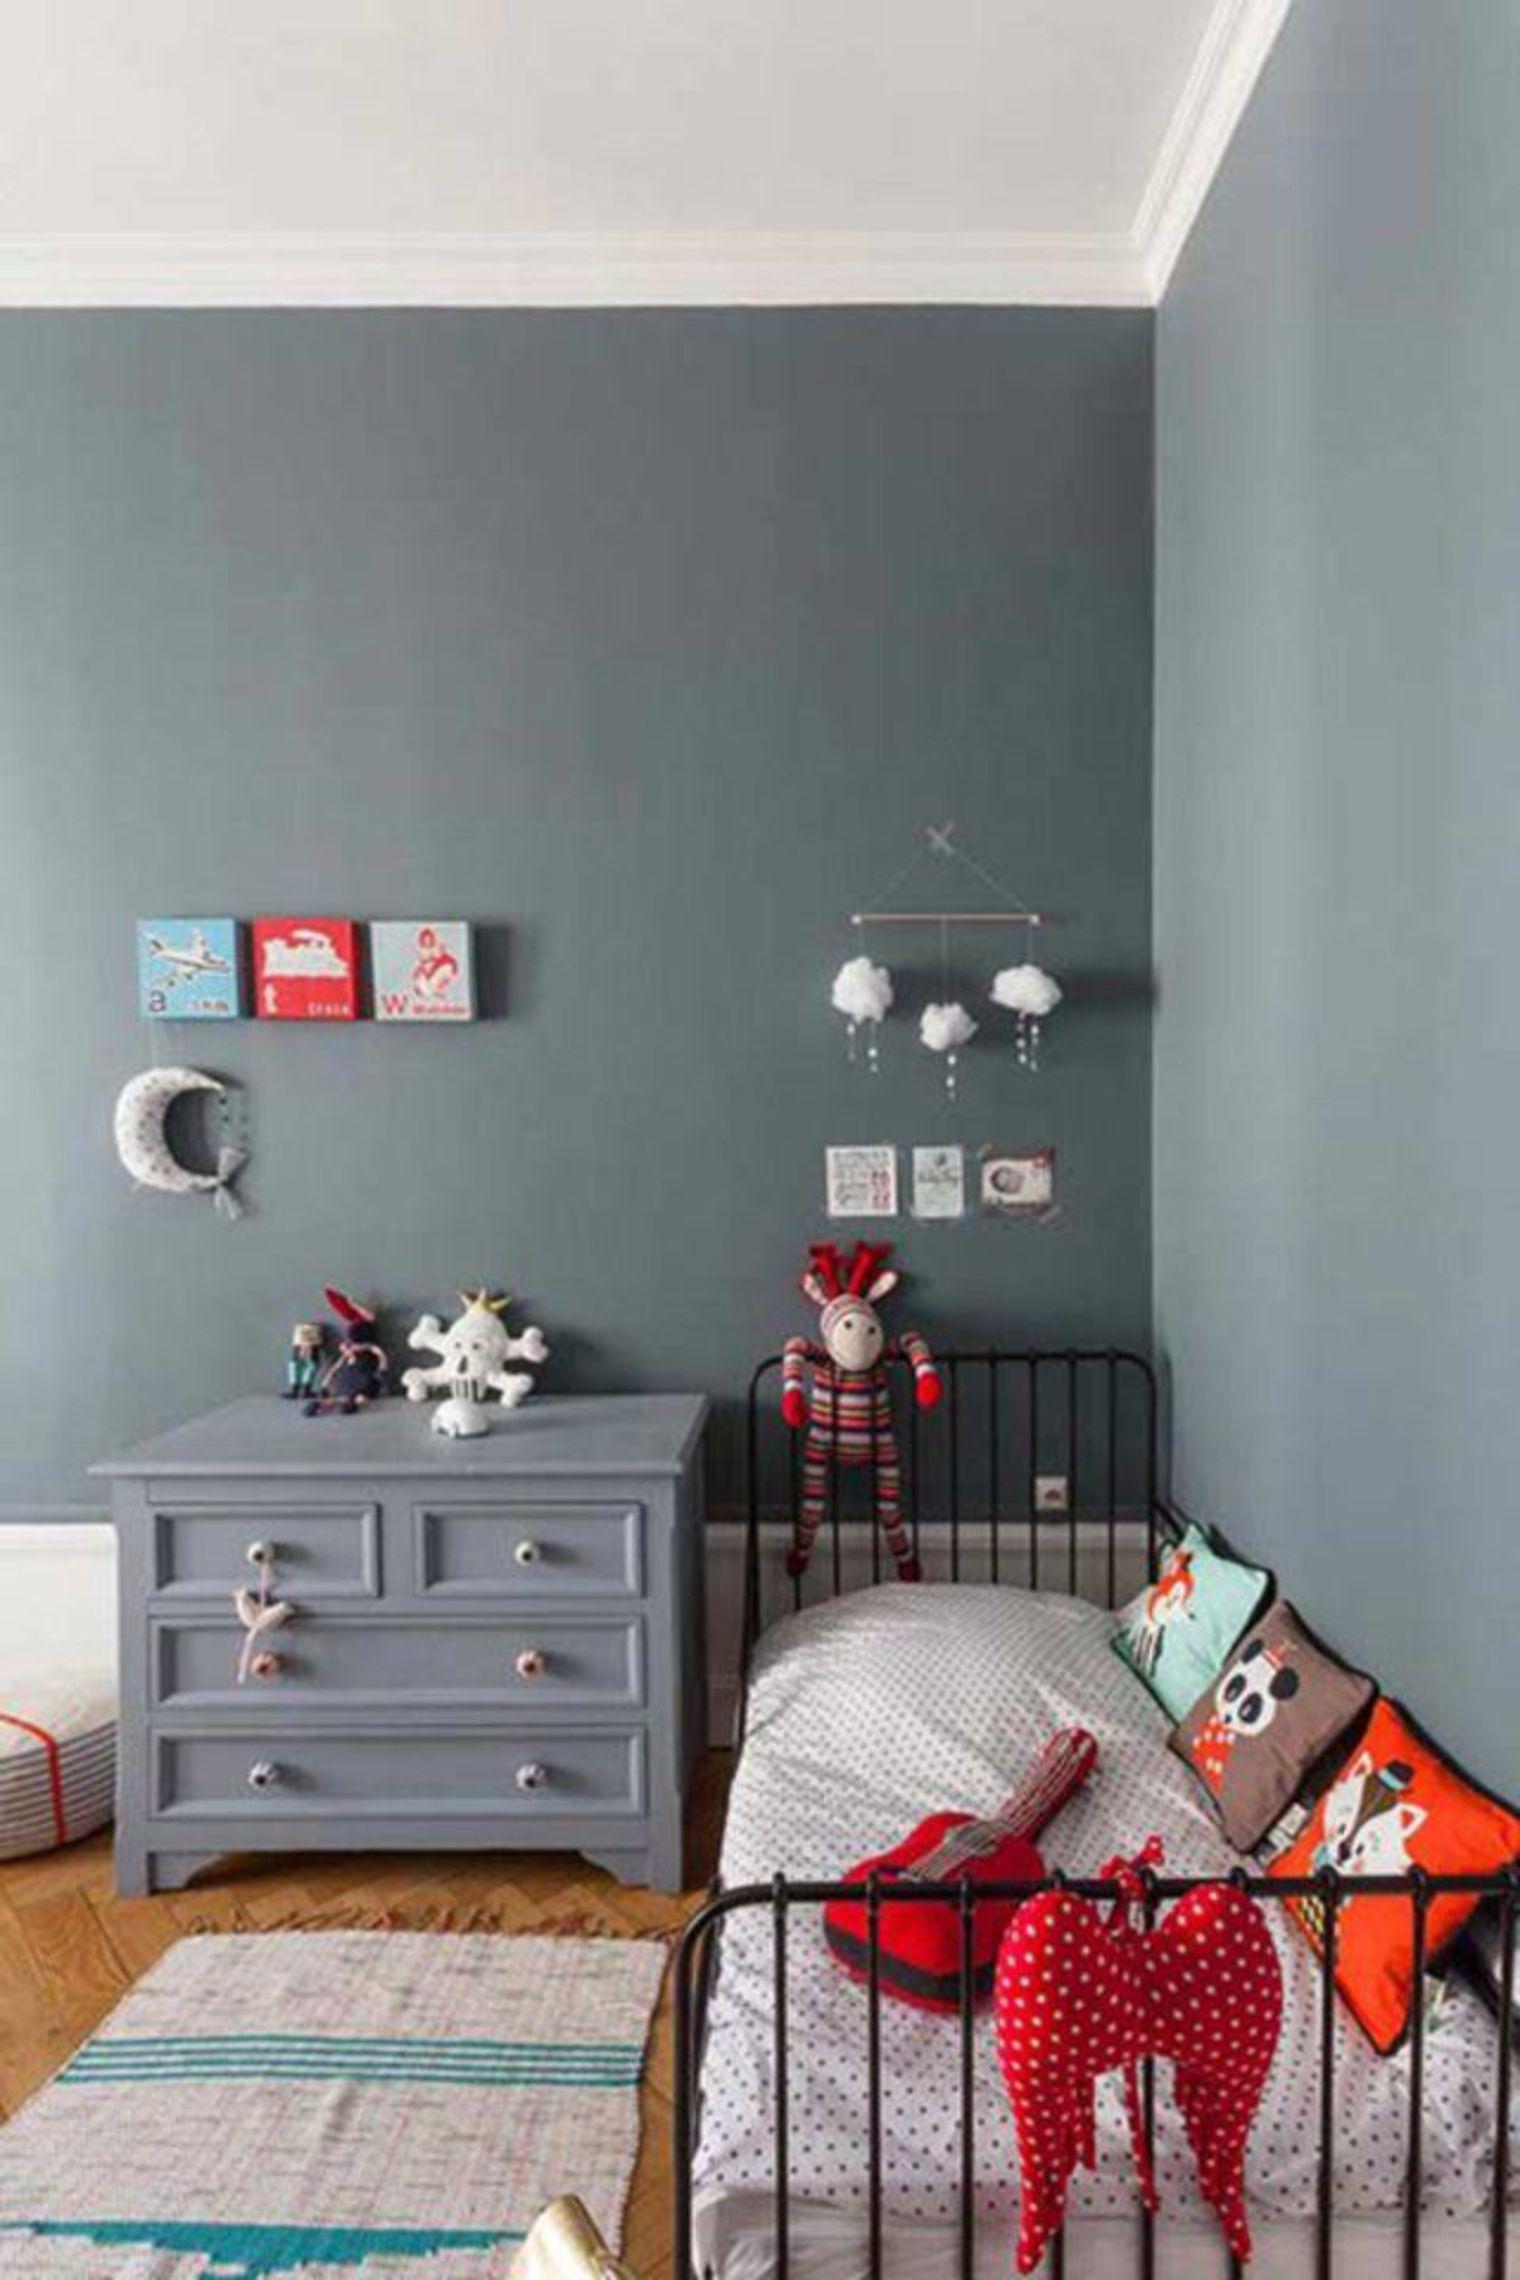 Maison Chambre literie Decoration Espacemax Soldes